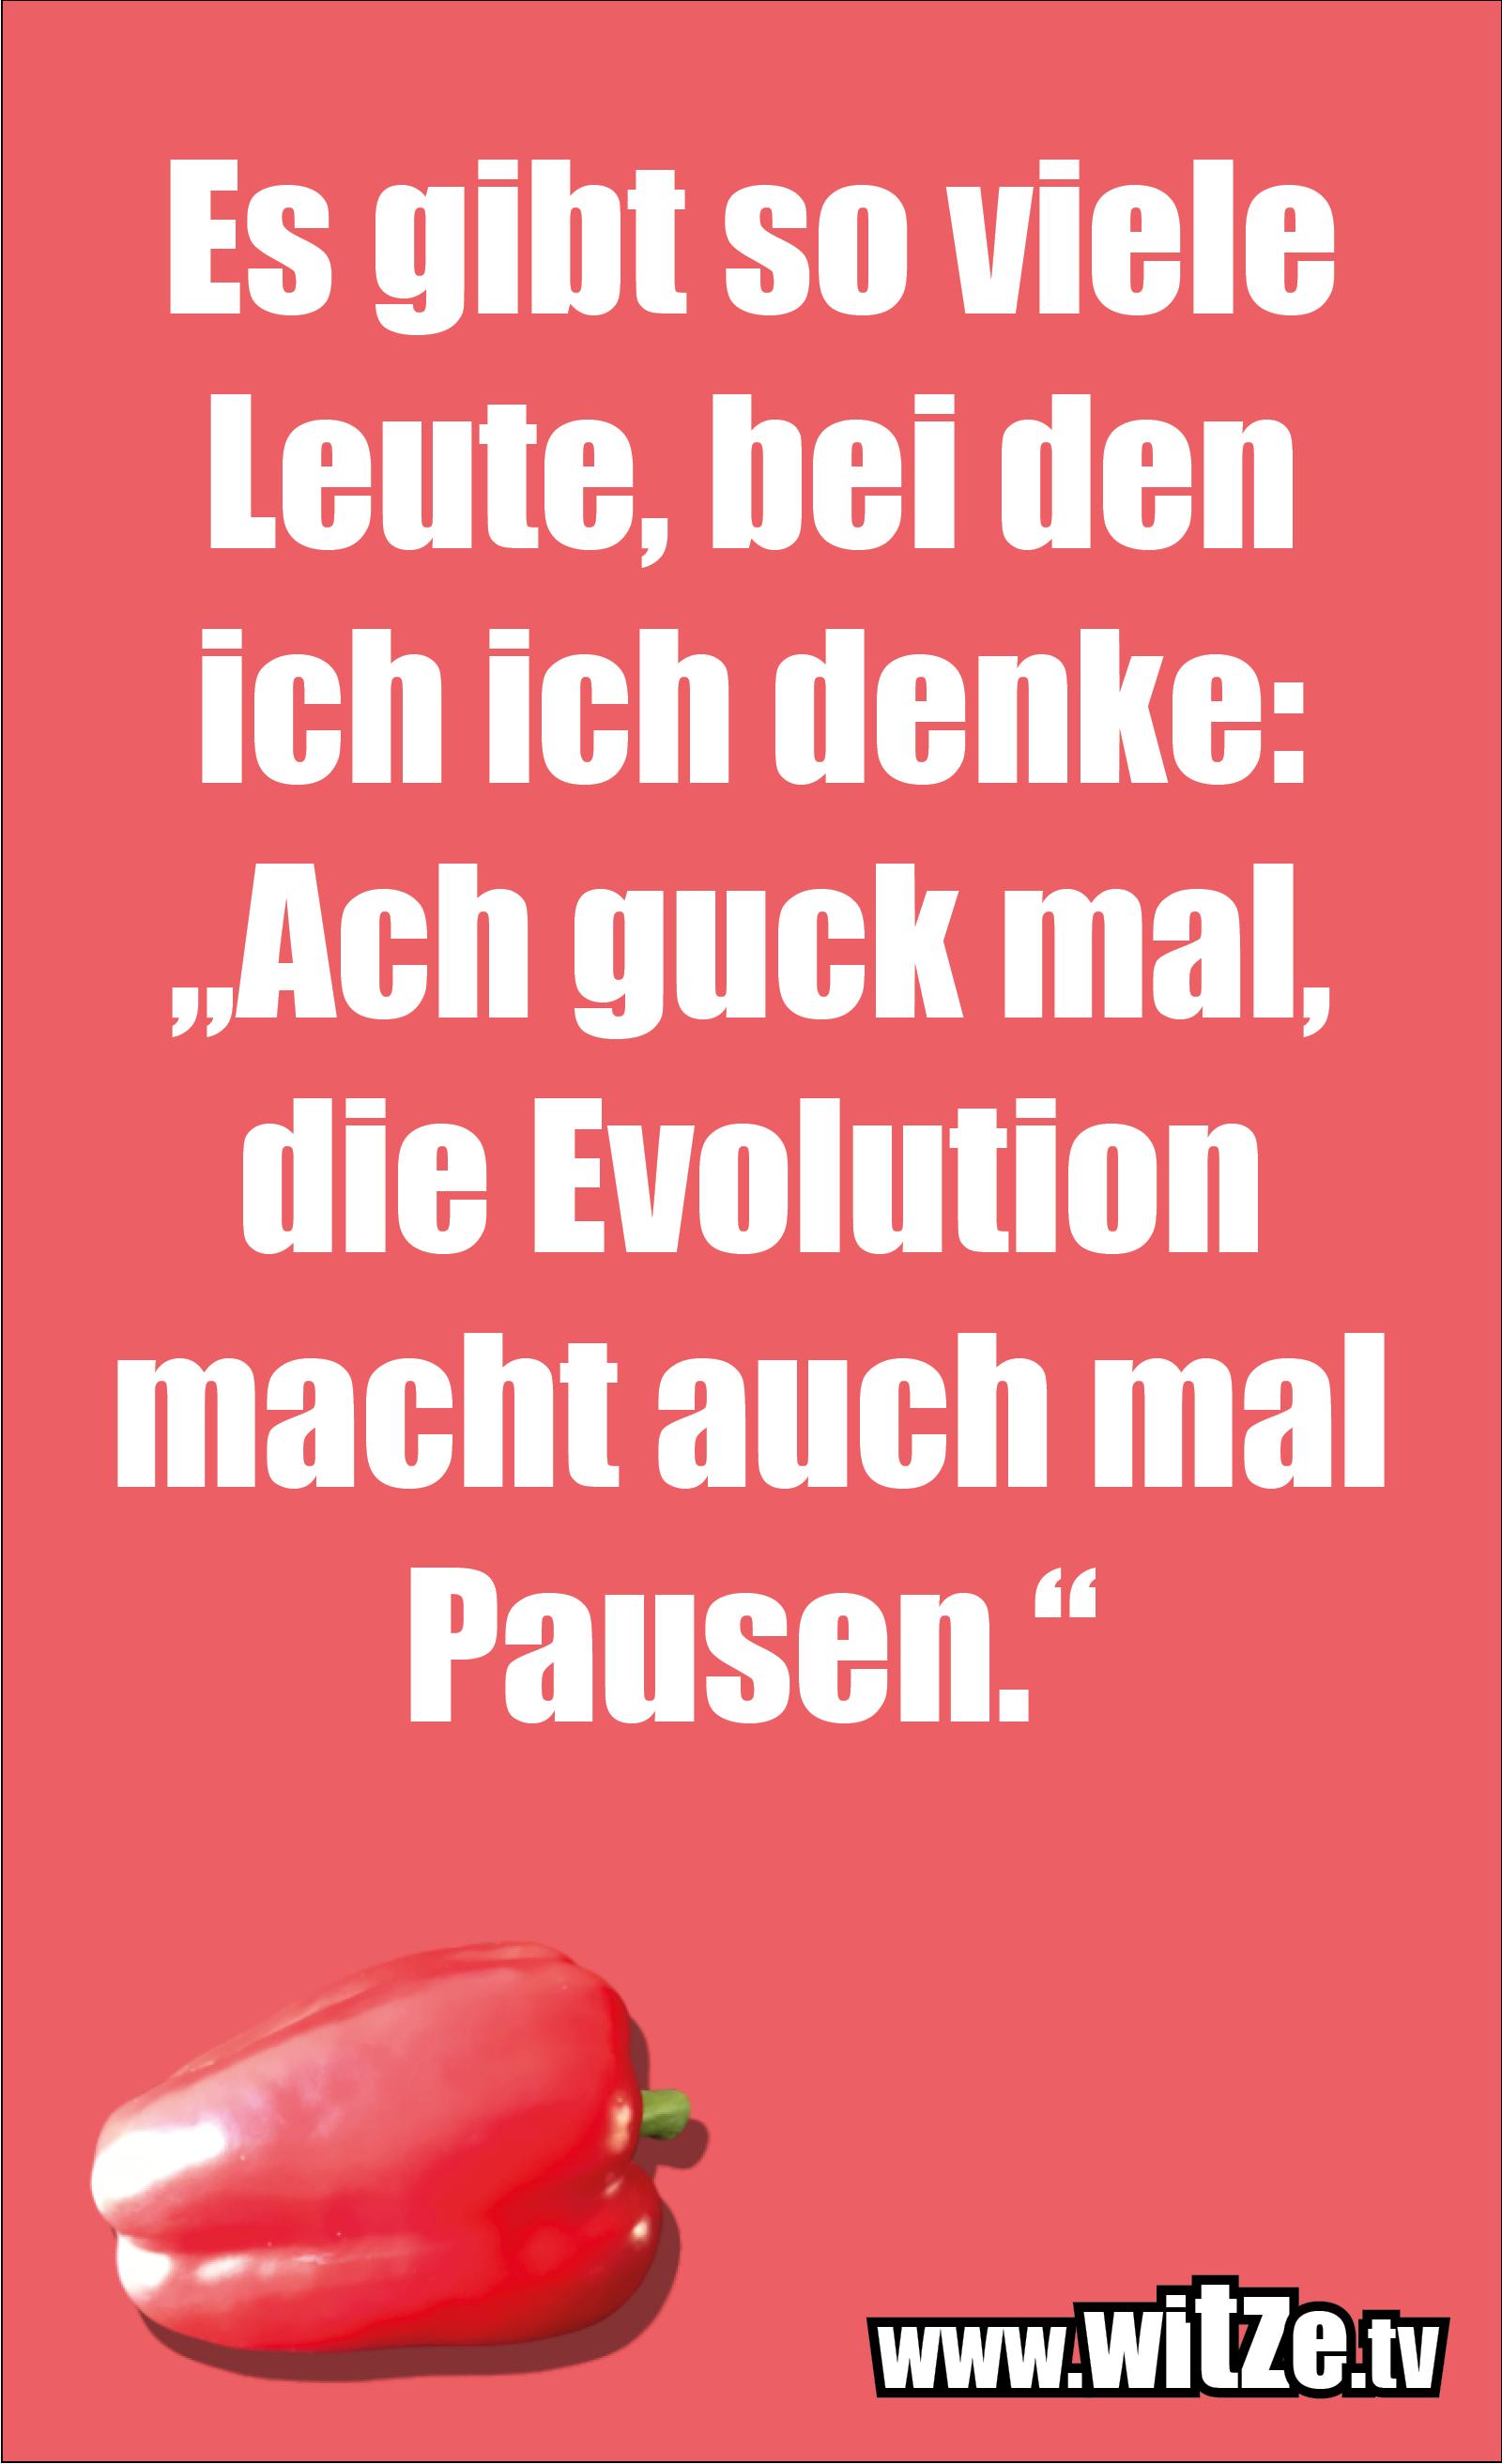 """Sarkasmus Sprüche: Es gibt so viele Leute, bei den ich ich denke: """"Ach guck mal, die Evolution macht auch mal Pausen."""""""